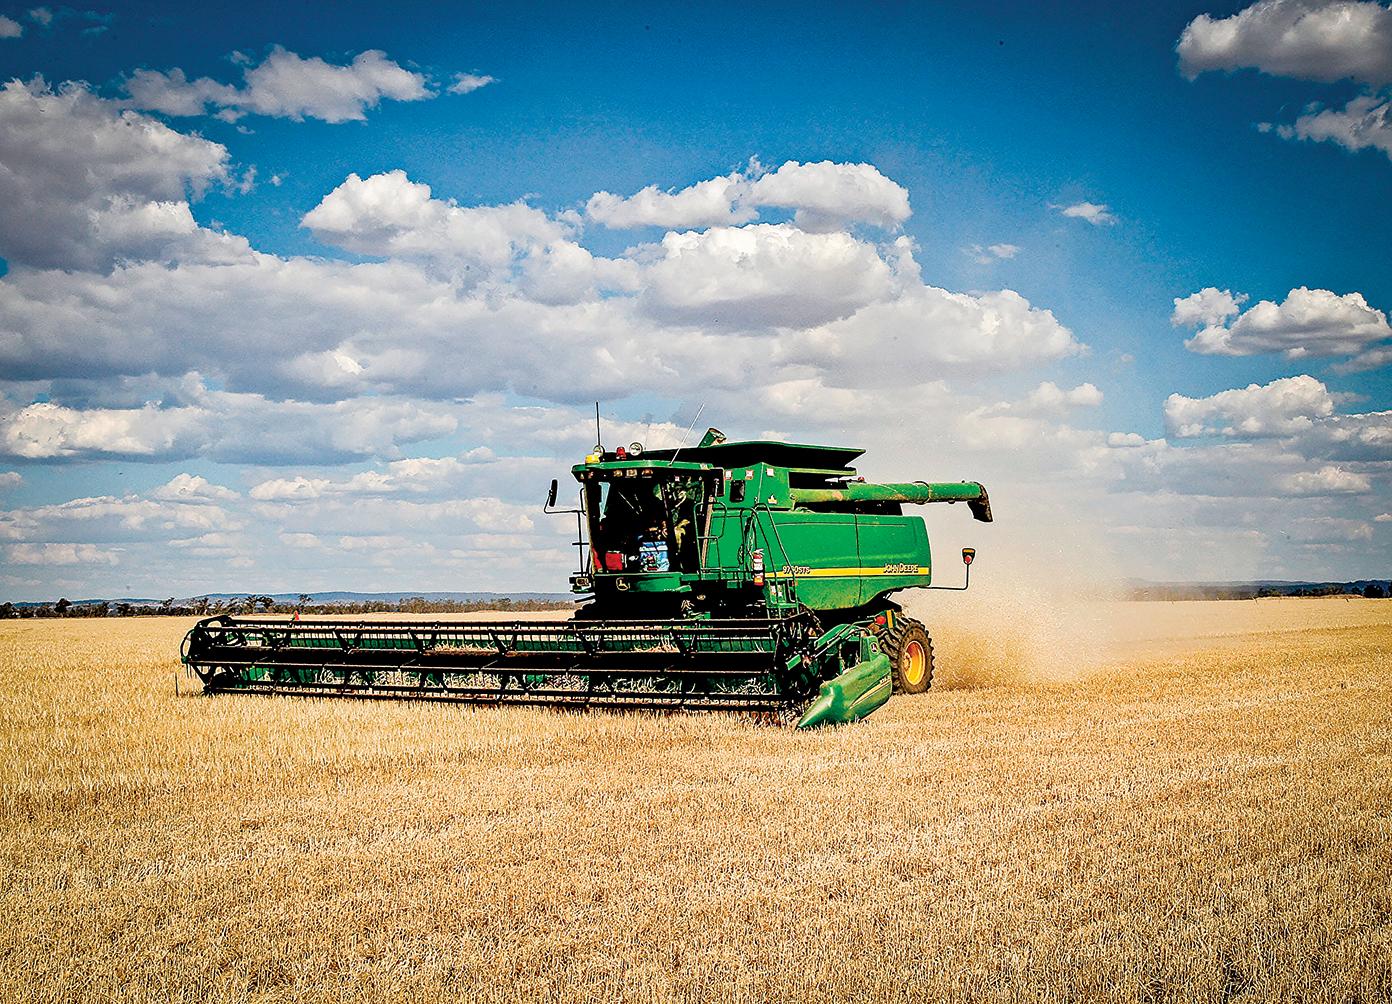 中共稱自5月19日起向澳洲大麥徵收80%的關稅,徵收期限為5年。澳洲政府否認中共對澳洲「傾銷大麥」的不實指控,並將向世界貿易組織提出申訴。圖為新州中西部Grenfell農場收割的景象。(GREG WOOD/AFP via Getty Images)